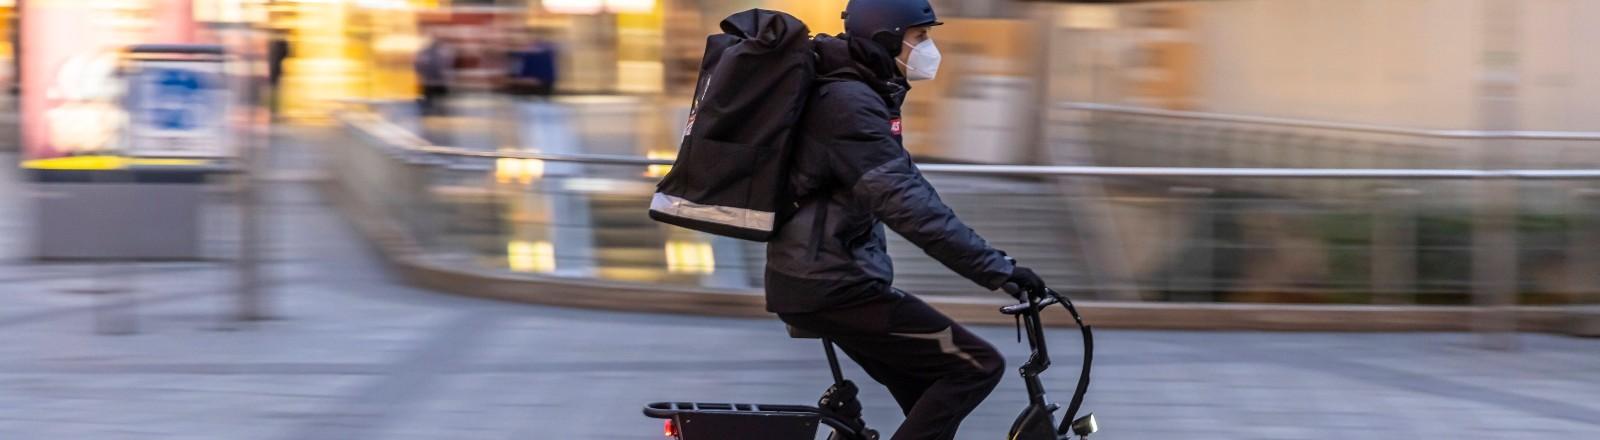 Ein Fahrradkurier des Anbieters Gorillas ist auf einem Fahrrad untwegs.